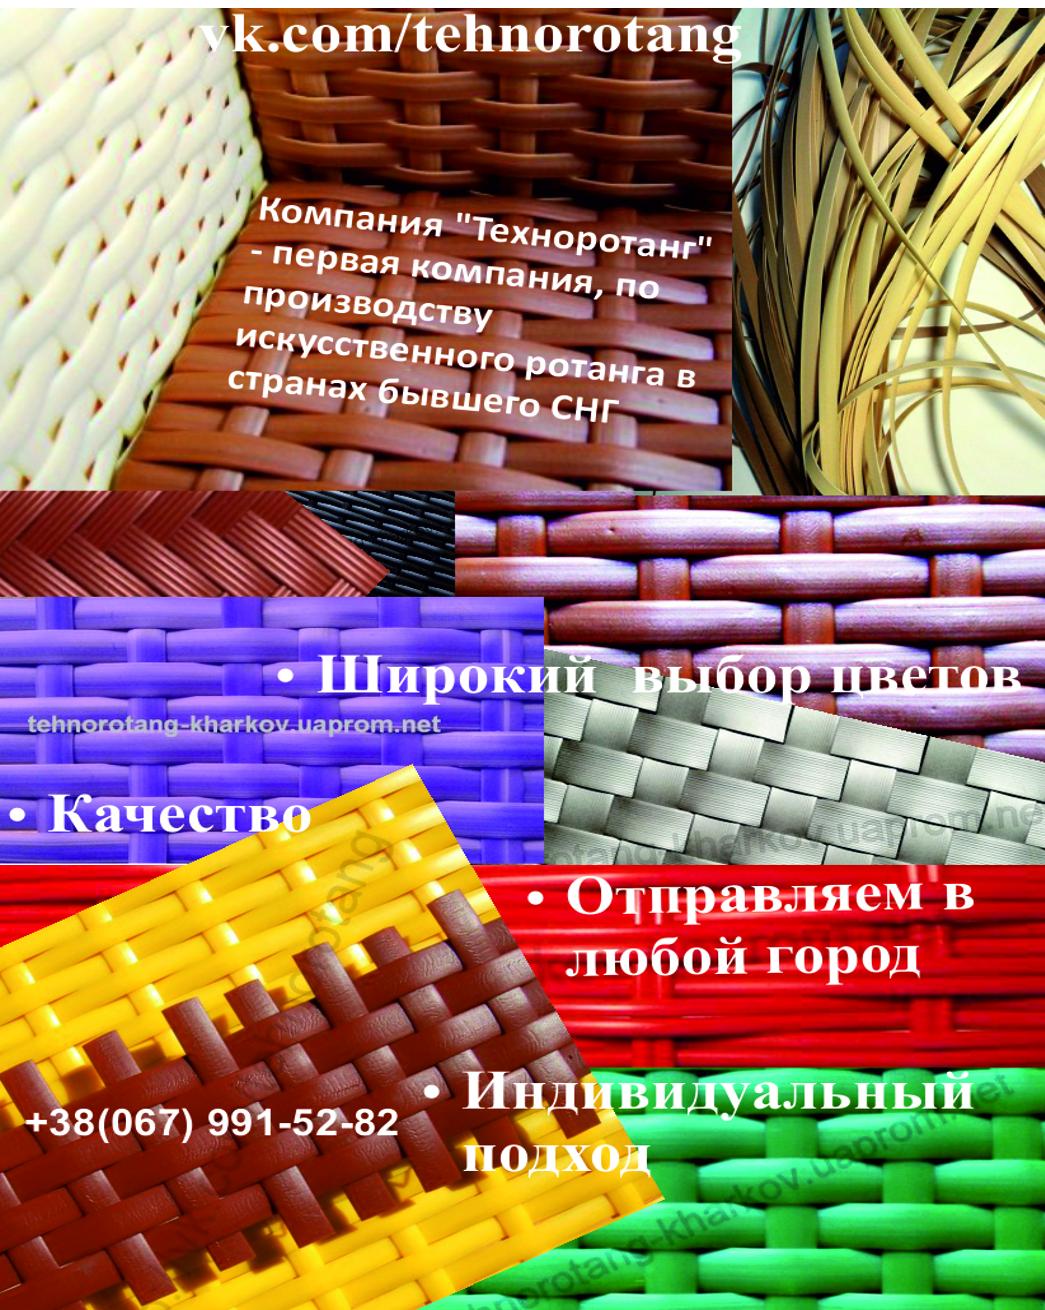 Искусственный ротанг для изготовления плетеной мебели - това.